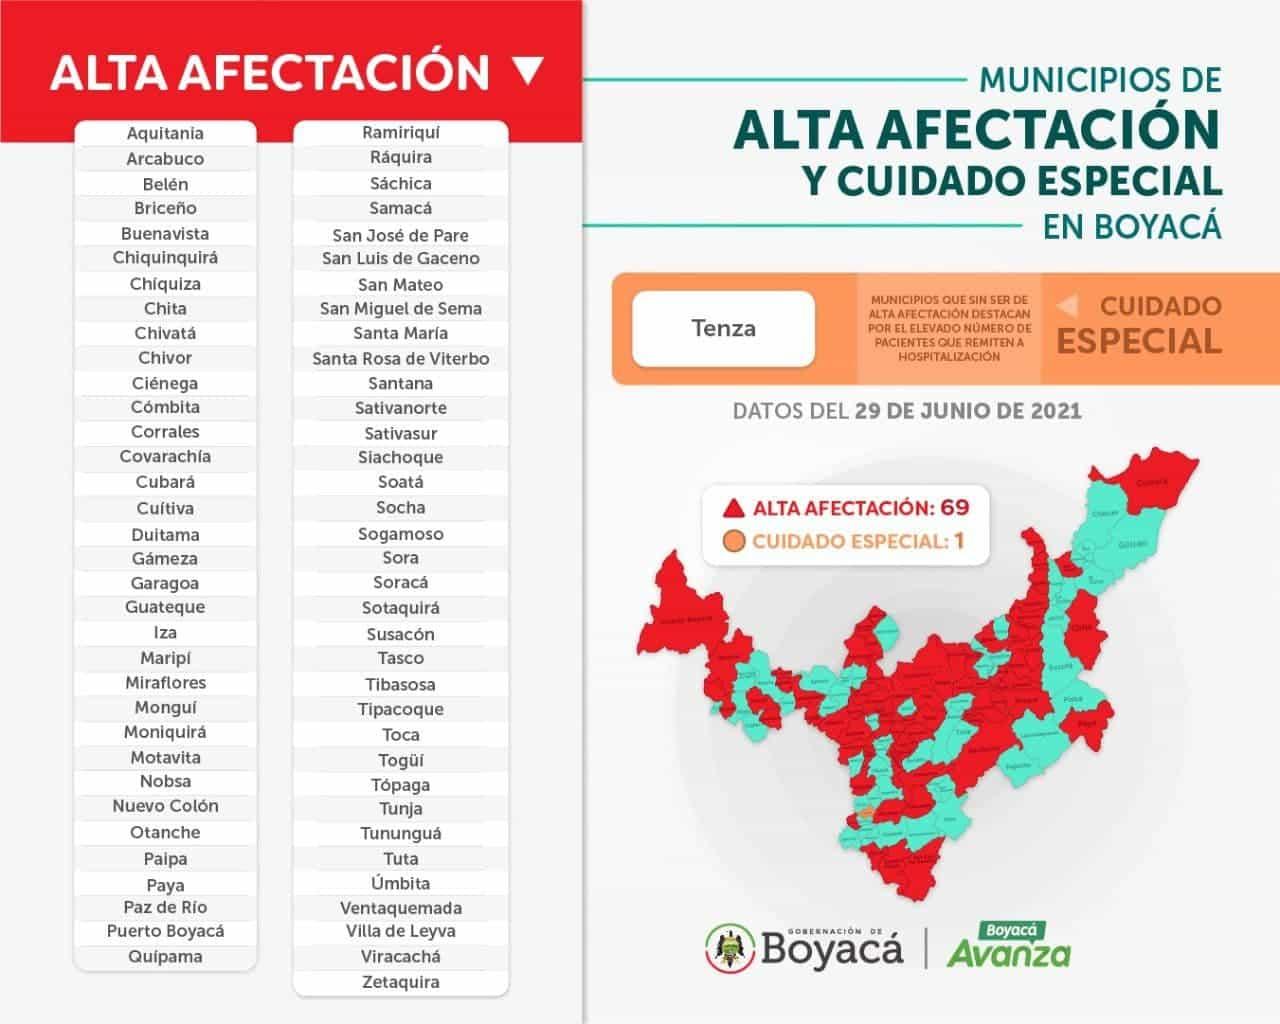 Más del 50 % de los municipios de Boyacá presenta alta afectación por COVID-19 1